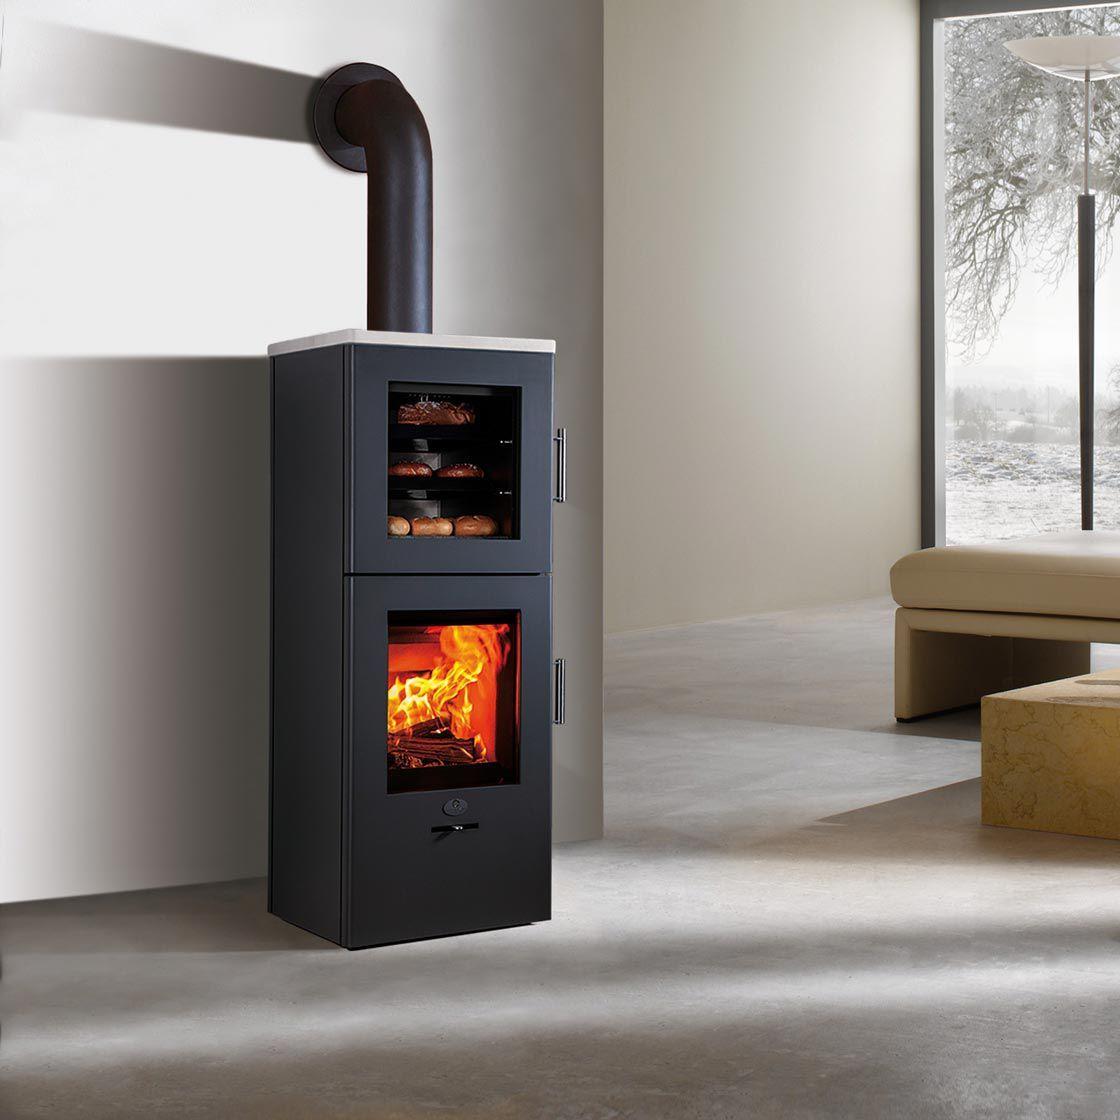 Kaminbauer Nürnberg estufa de leña moderna de acero con horno nürnberg bf max